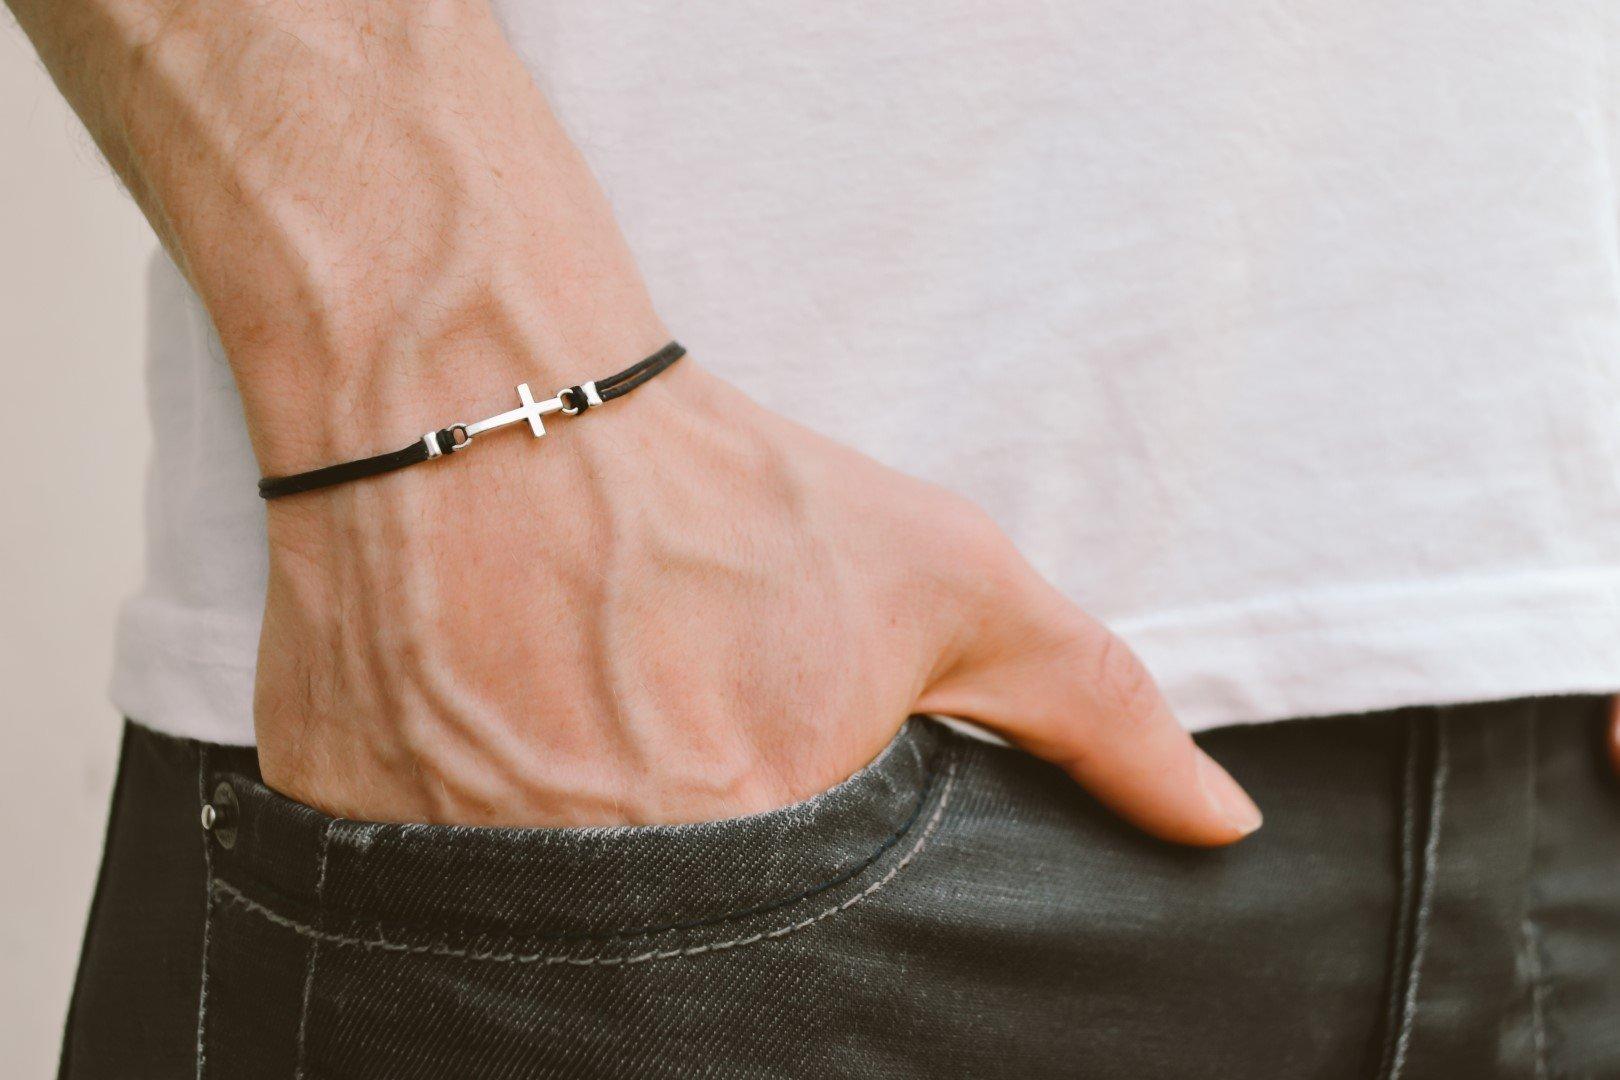 Cross bracelet for men, groomsmen gift, men's bracelet with a silver cross pendant, black cord, gift for him, christian catholic jewelry